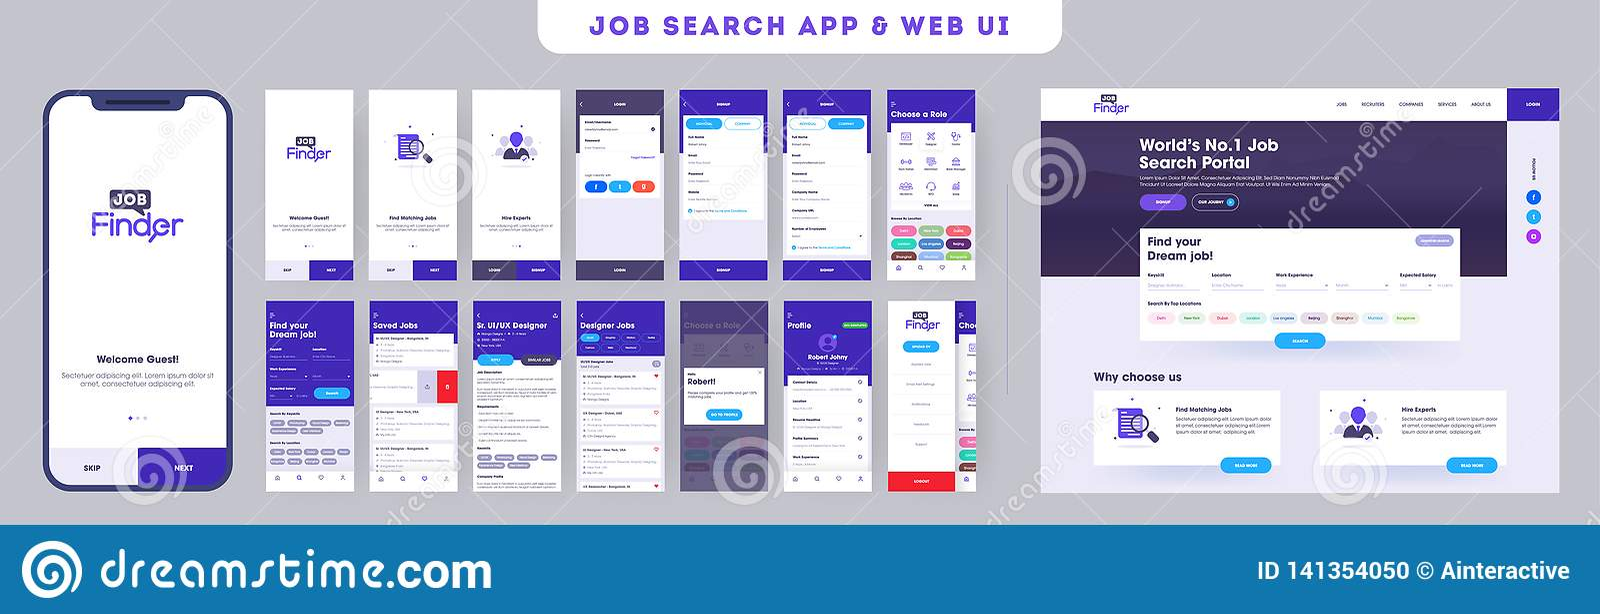 Работа ища набор ui приложения отзывчивого мобильного приложения или вебсайт с различным планом применения